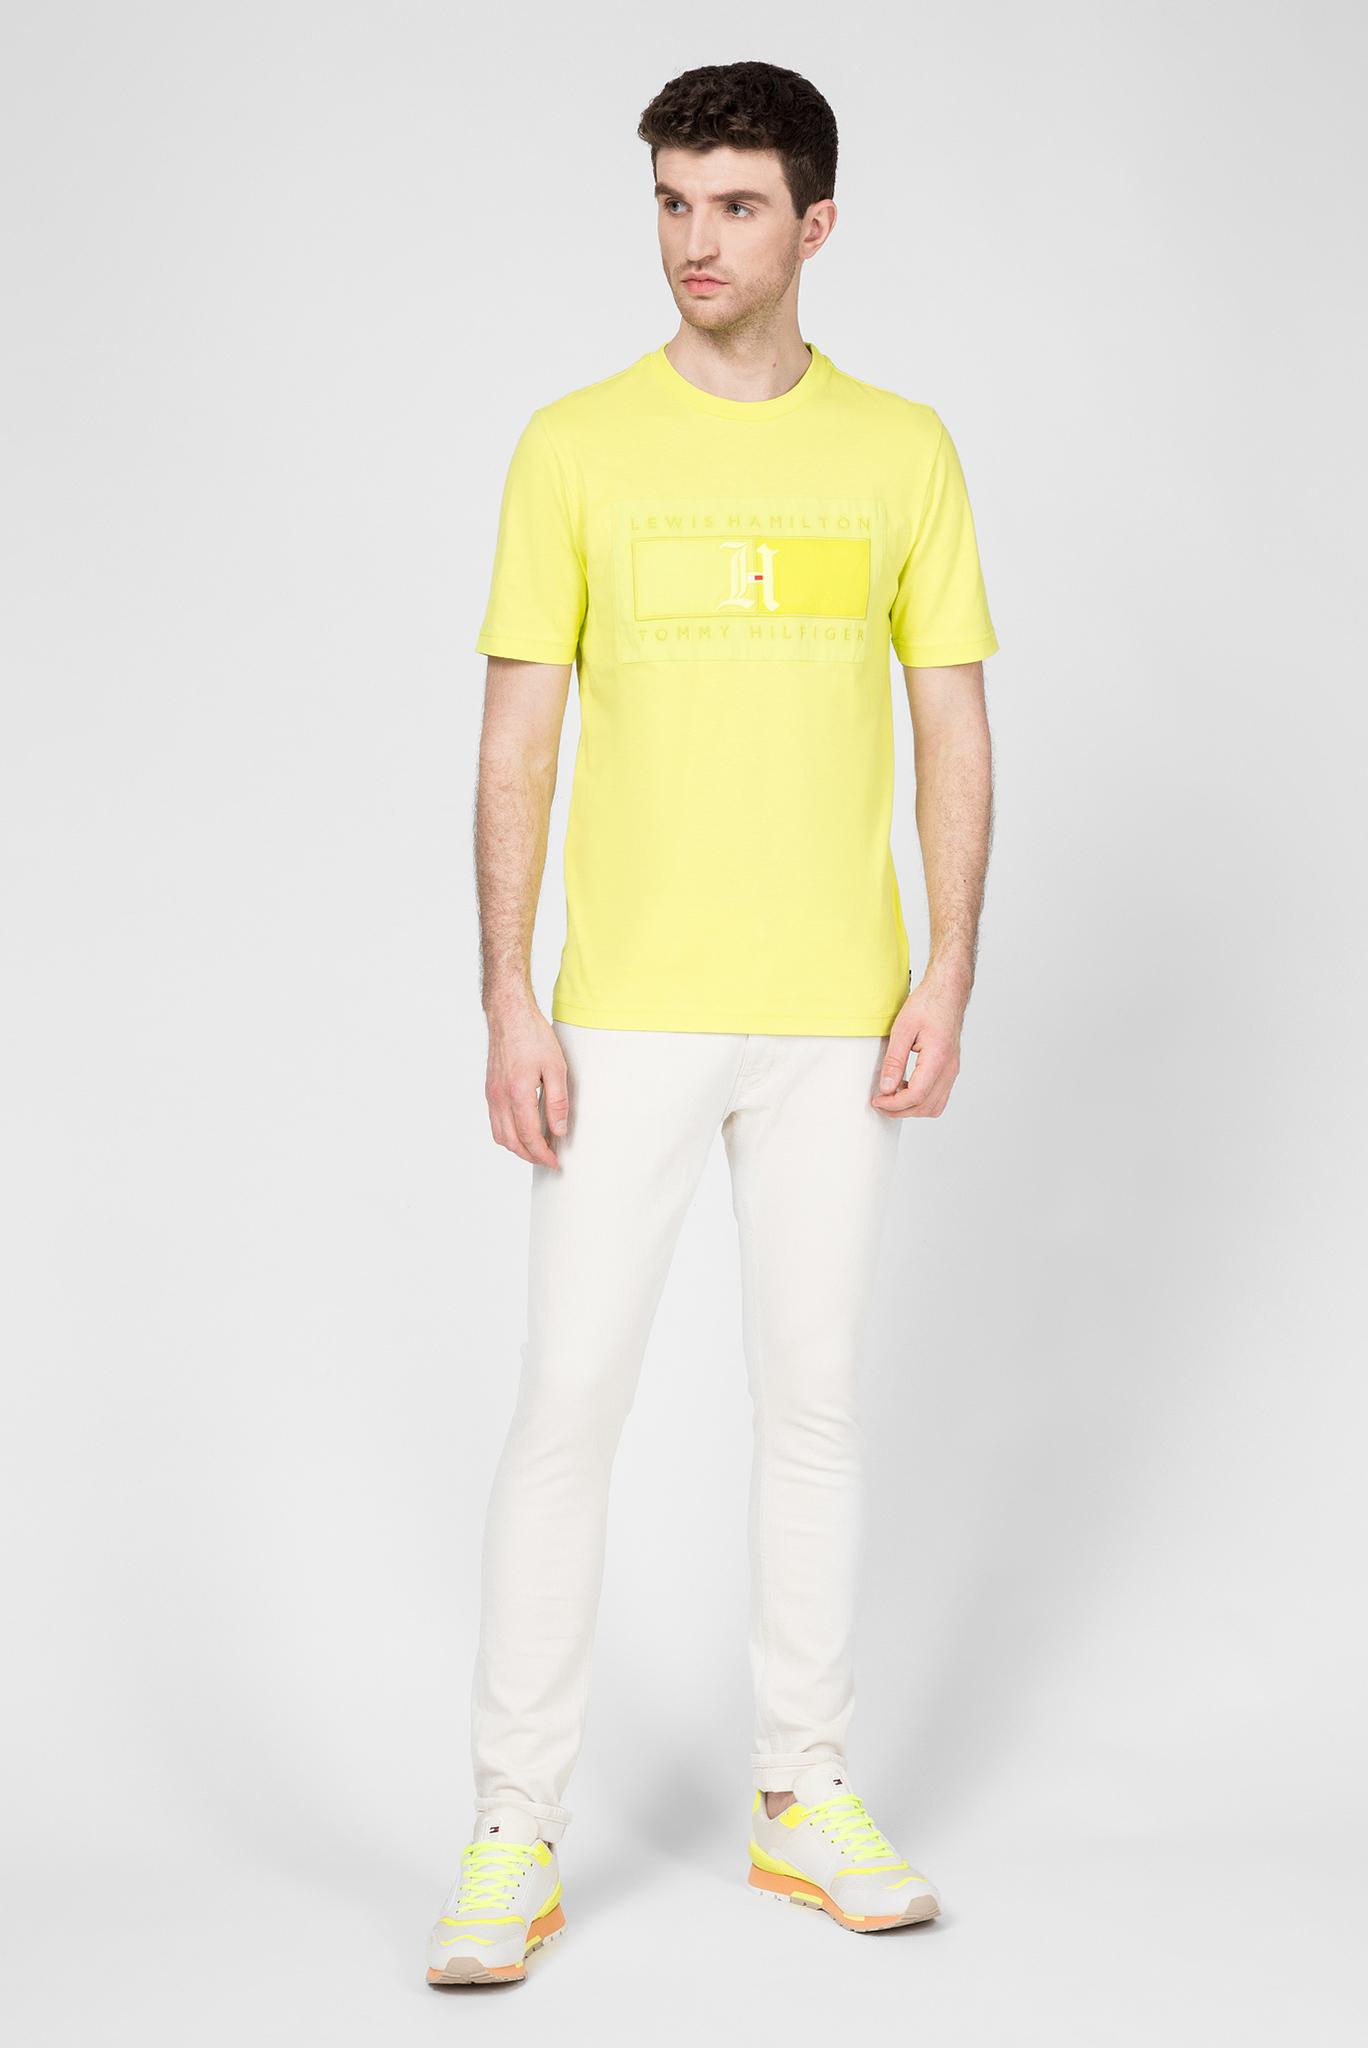 Мужская желтая футболка Lewis Hamilton Tommy Hilfiger